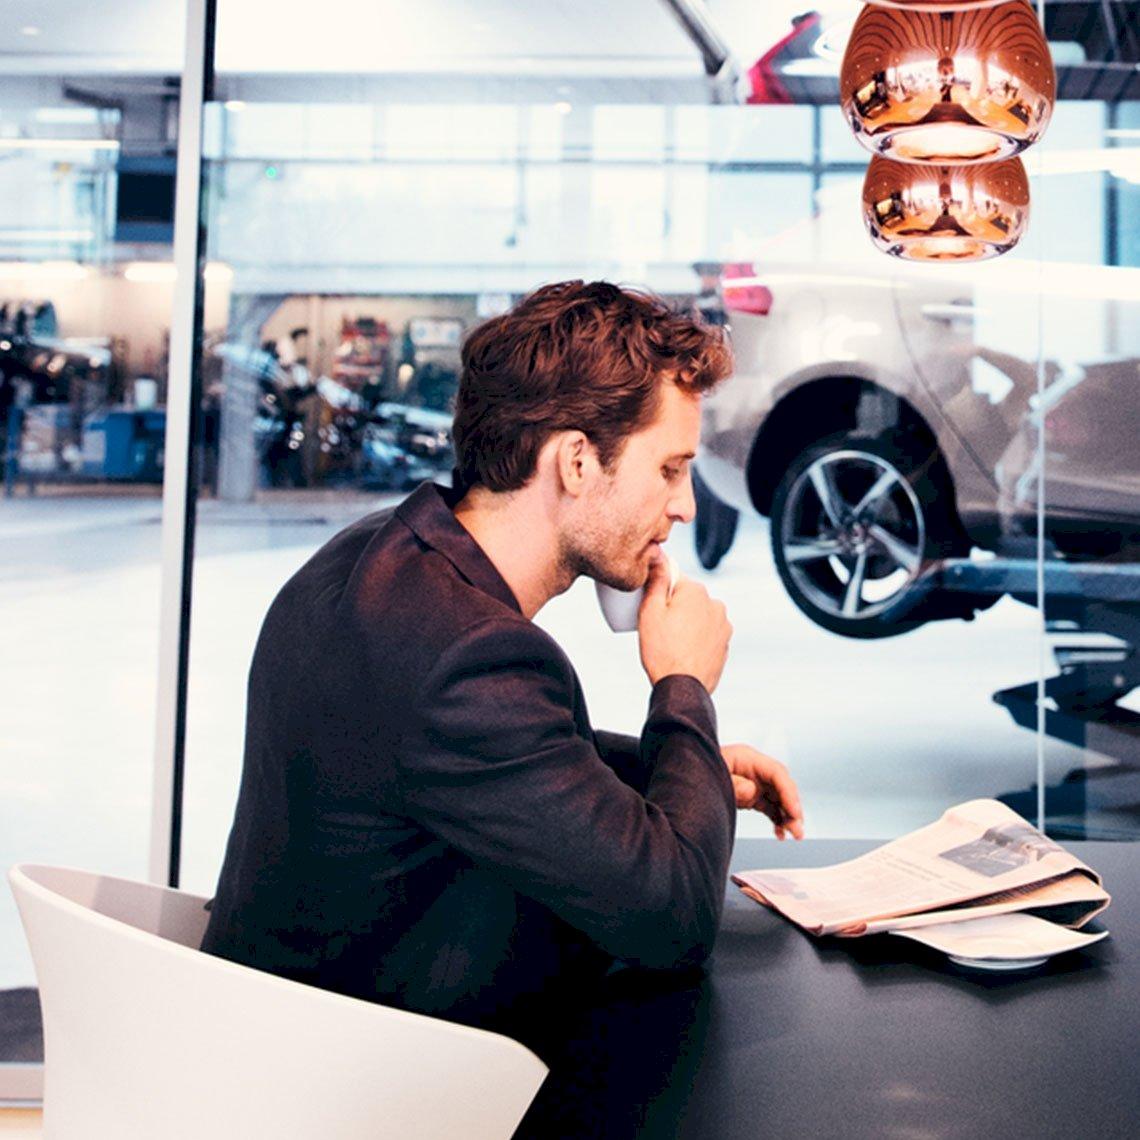 Volvo_Individuelle_Angebote_Mann_Werkstatt_Loungebereich_VO_03400_VolvoRetail_4_processed.jpg